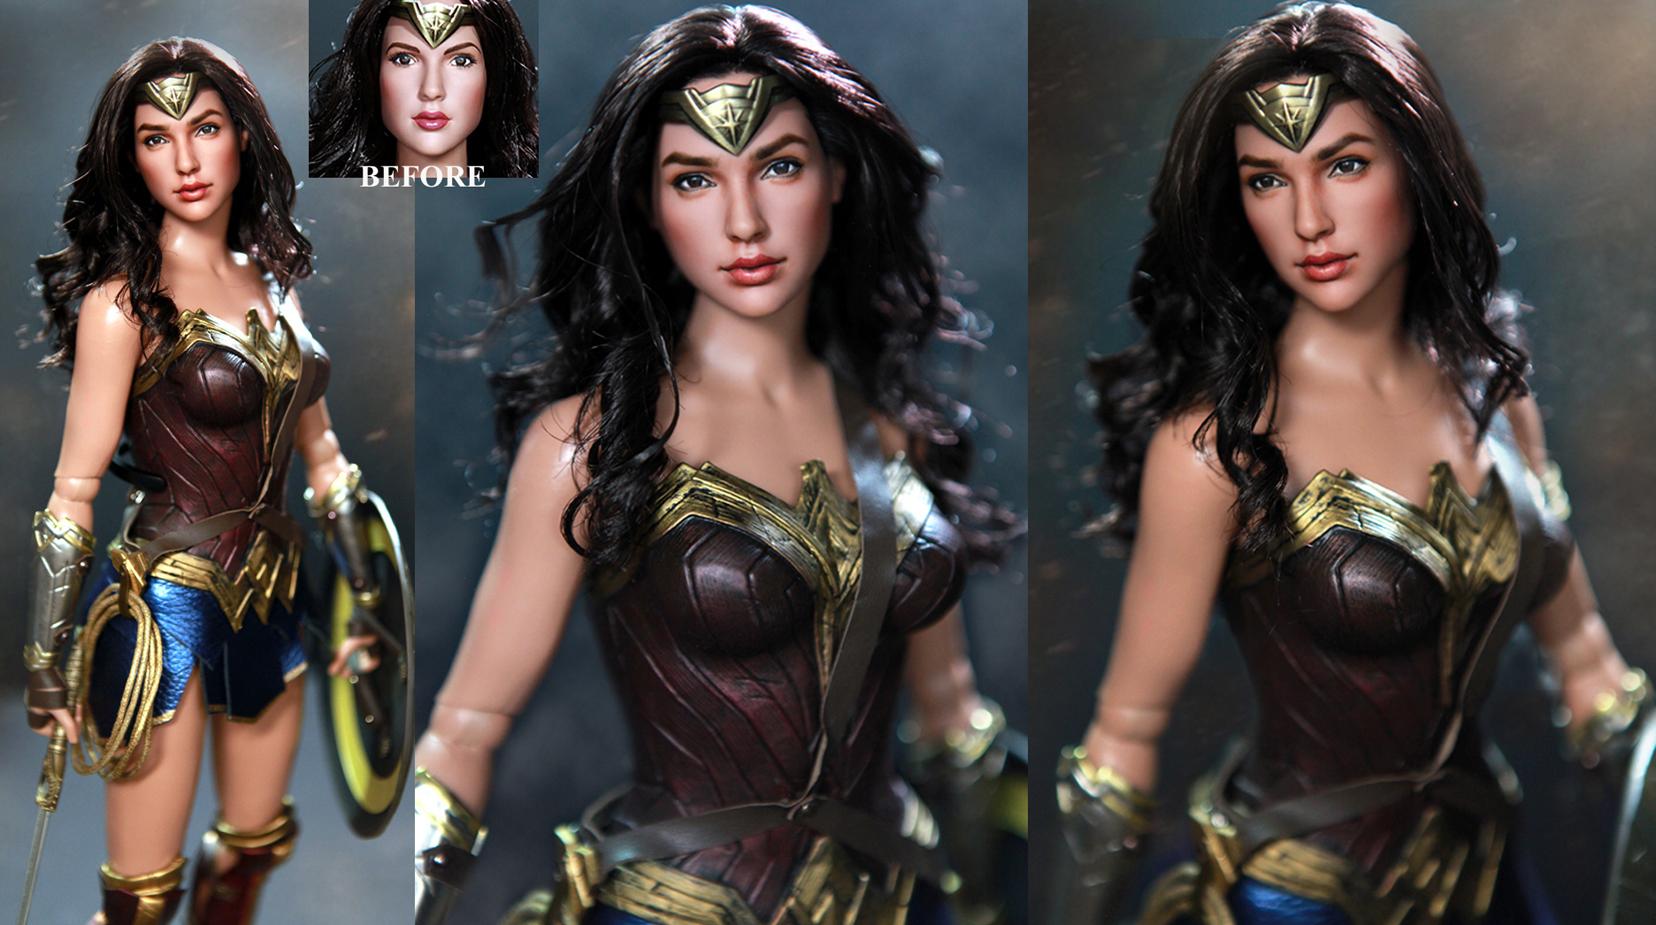 Tonner Wonder Woman Gal Gadot custom doll repaint by noeling